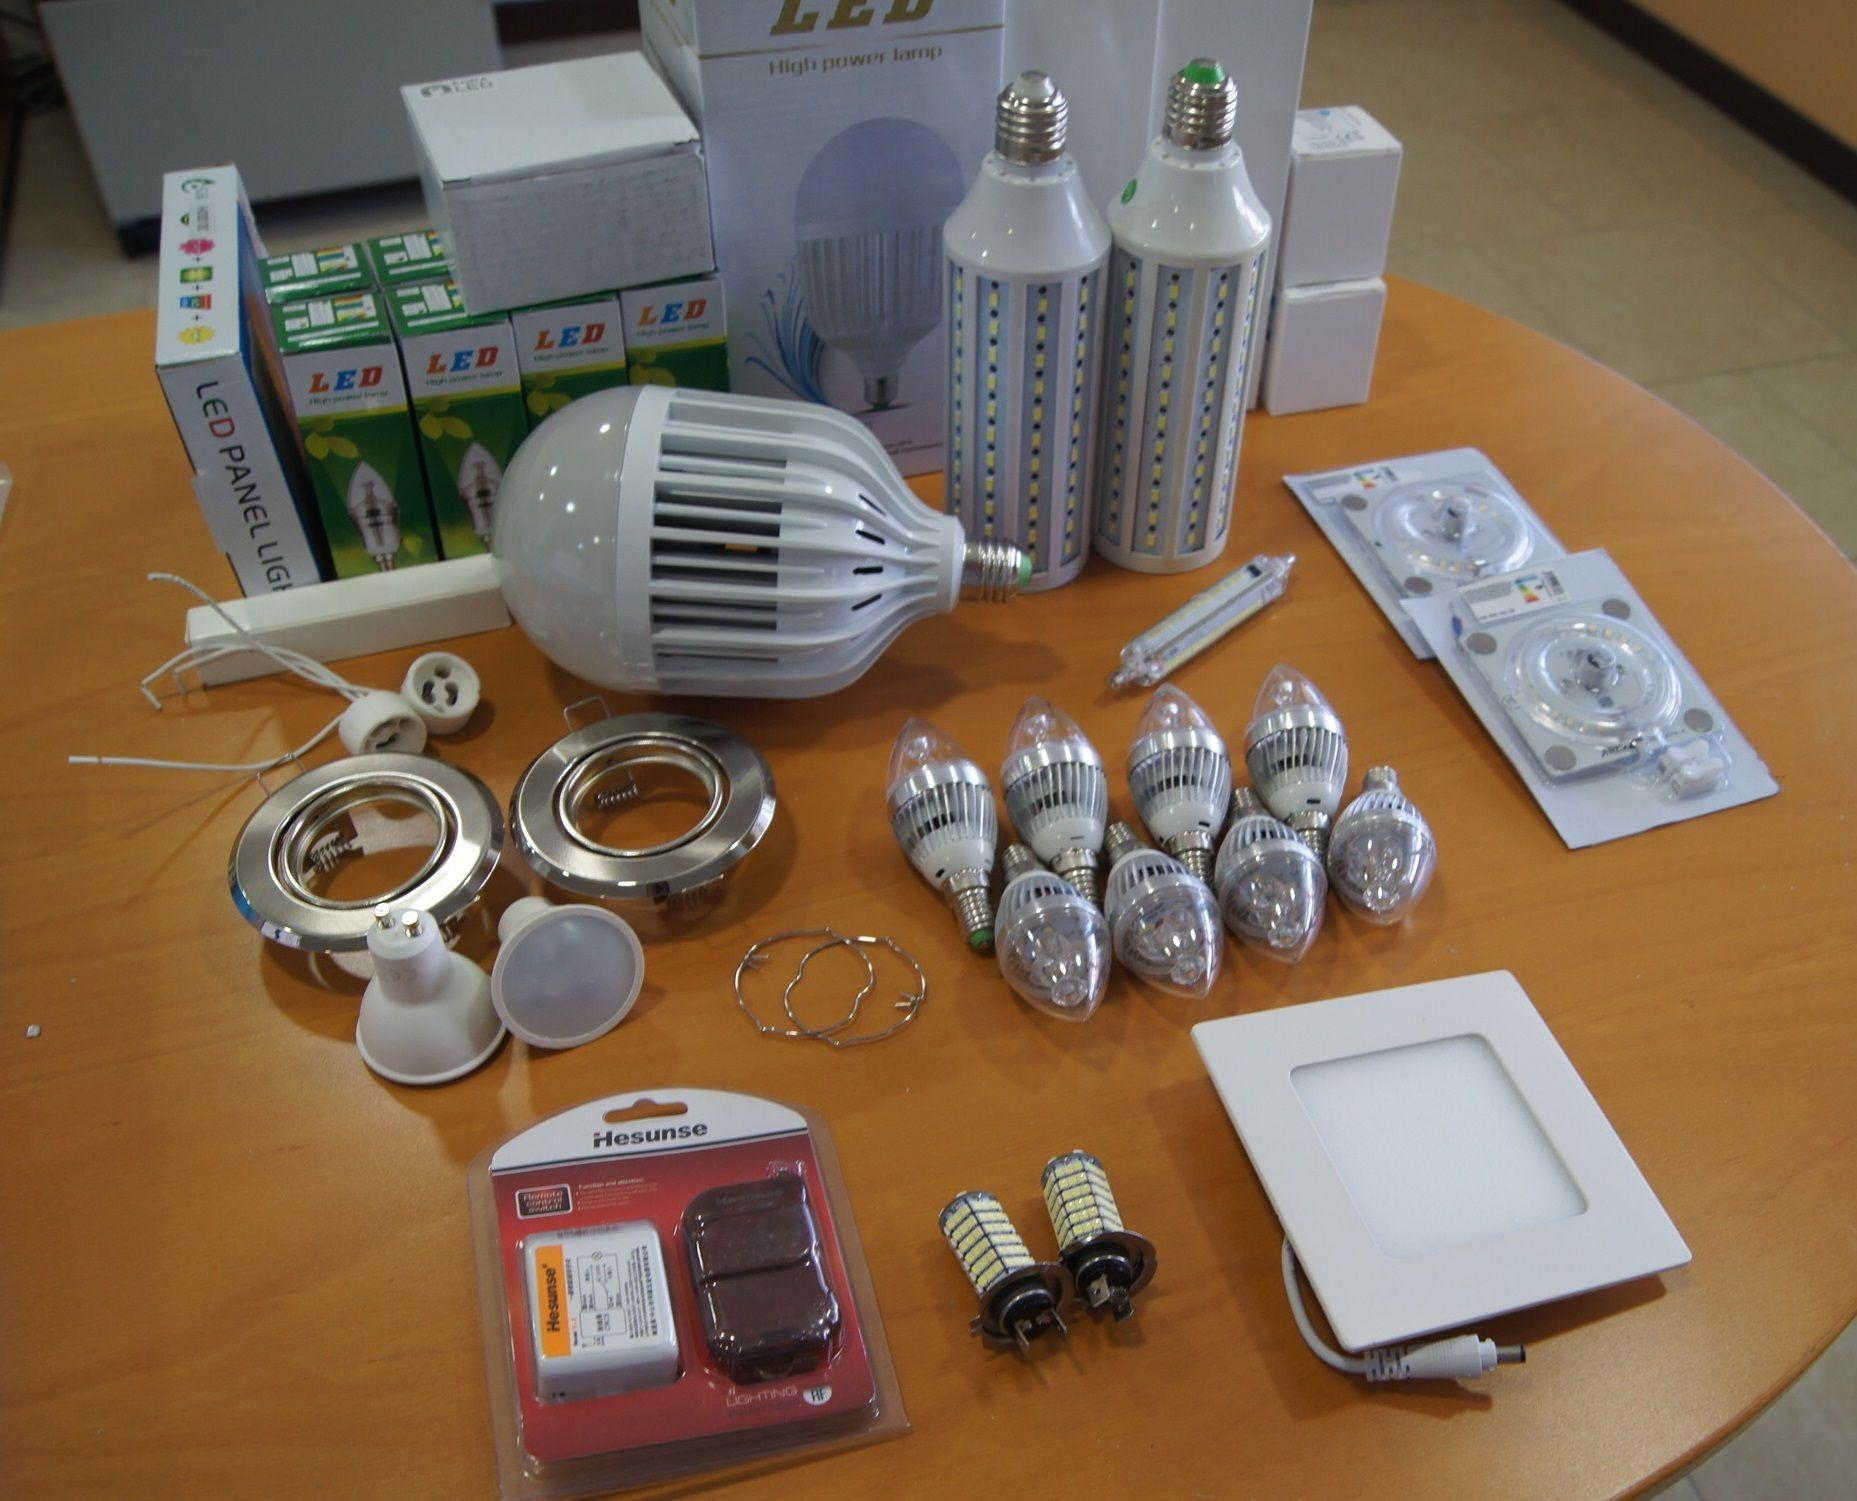 Los mit 24 Elementen für LED-Beleuchtung (neu)